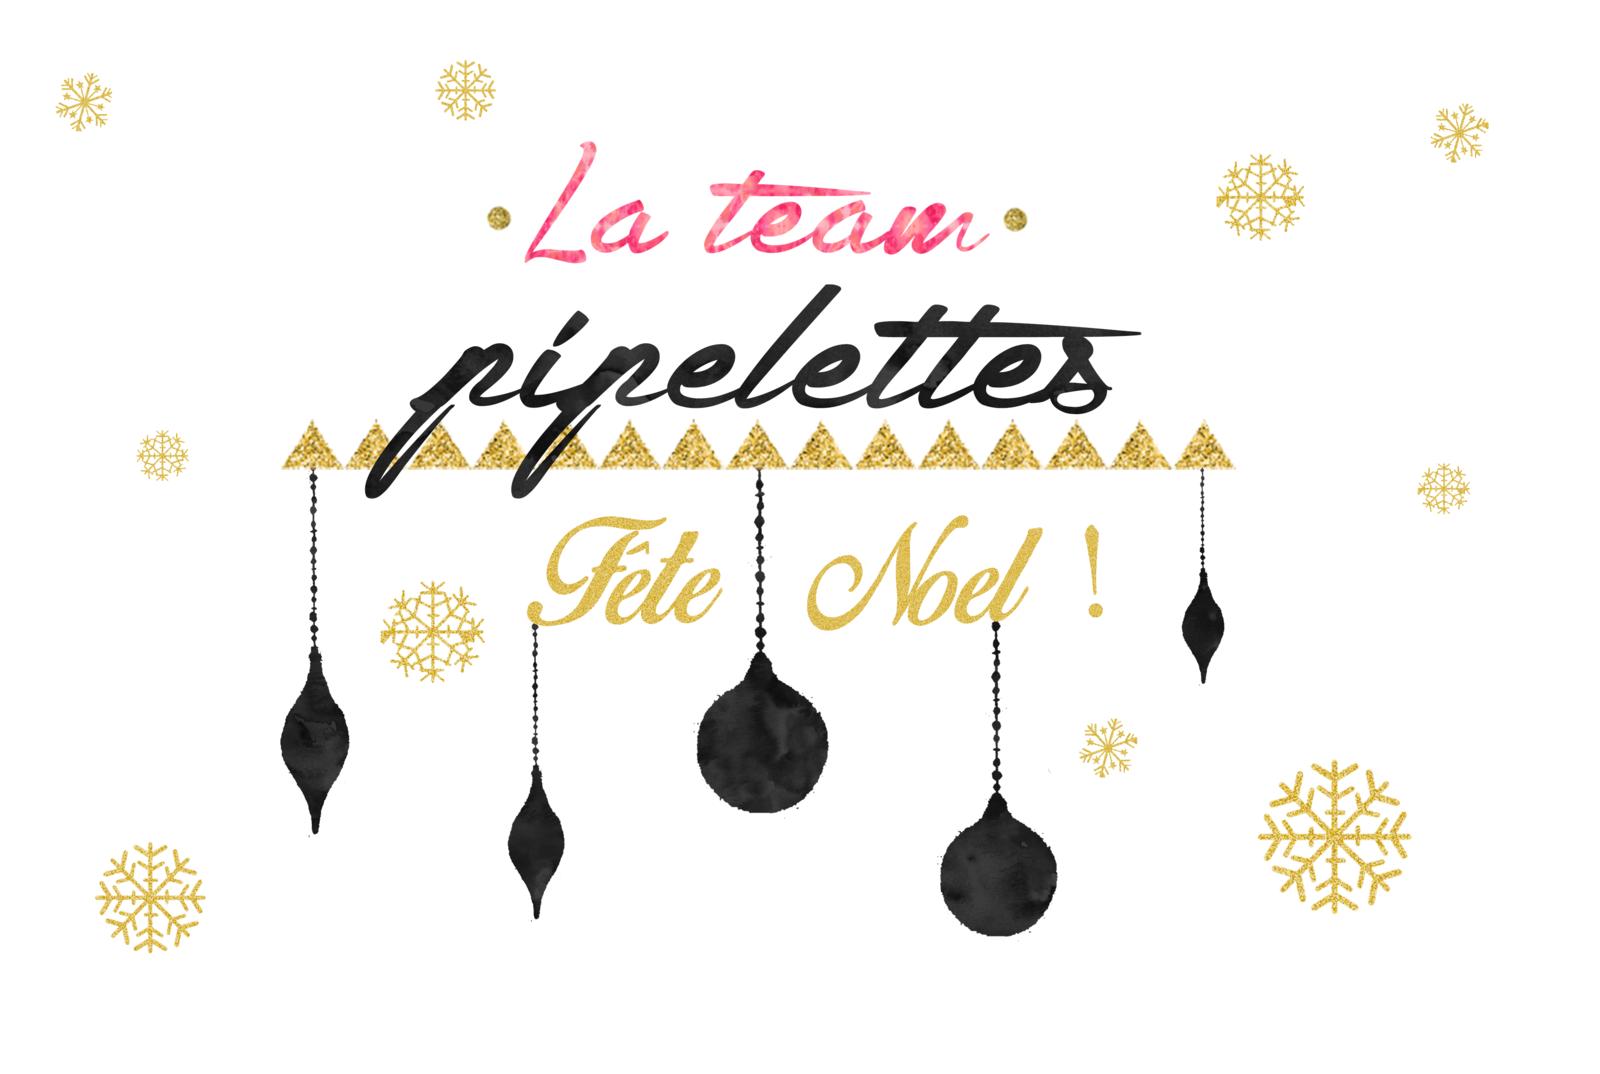 La #TeamPipelette fête Noël et vous gâte !!